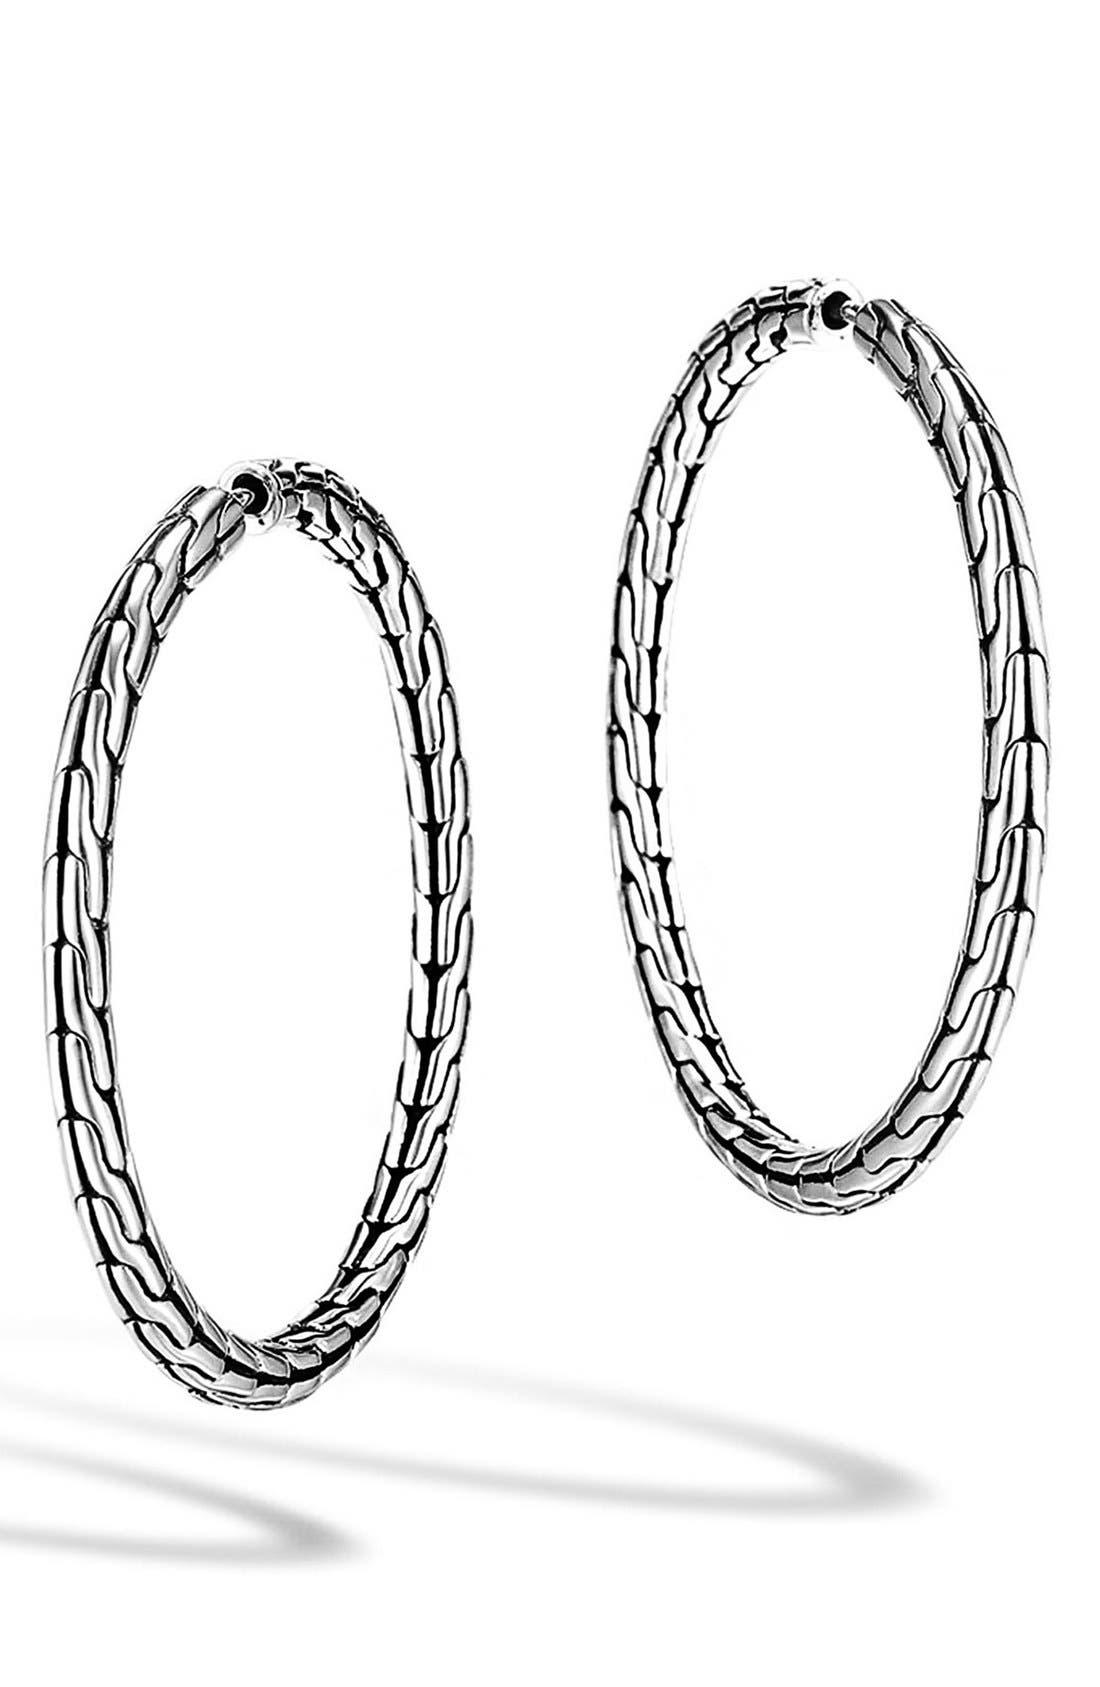 Main Image - John Hardy 'Classic Chain' Medium Hoop Earrings